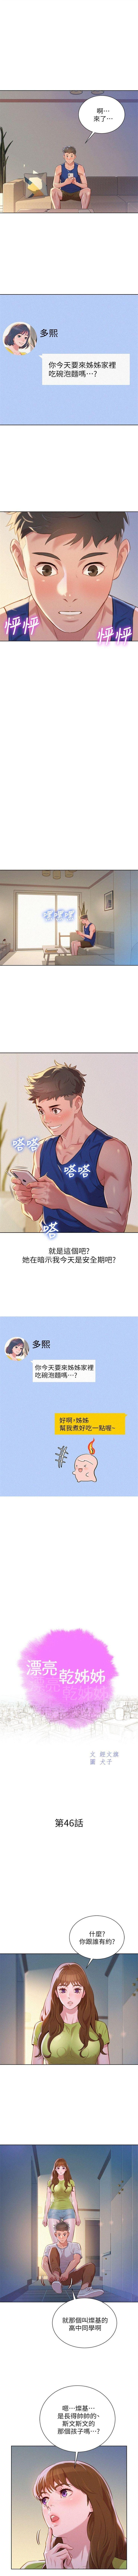 (周7)漂亮干姐姐  1-81 中文翻译 (更新中) 238